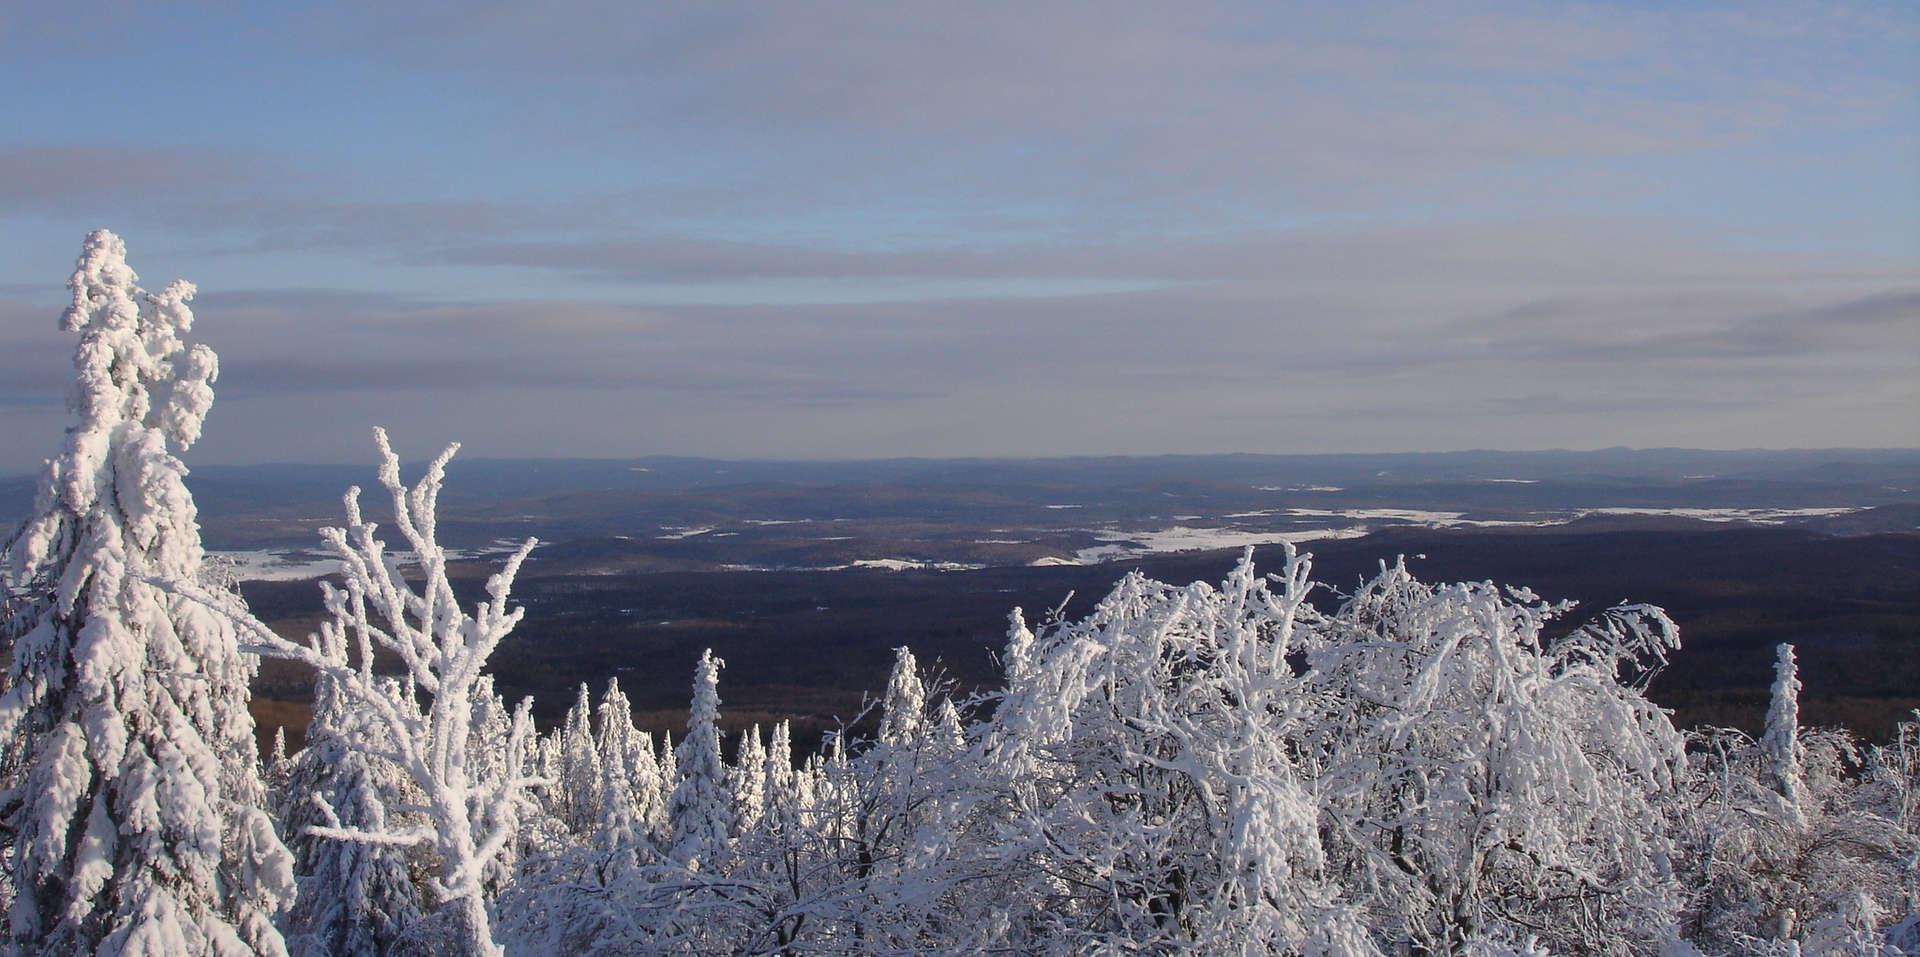 Chalet à louer au Québec   face au lac   4 saisons Le Cocooning L'Ascension   Montagne Belvédère